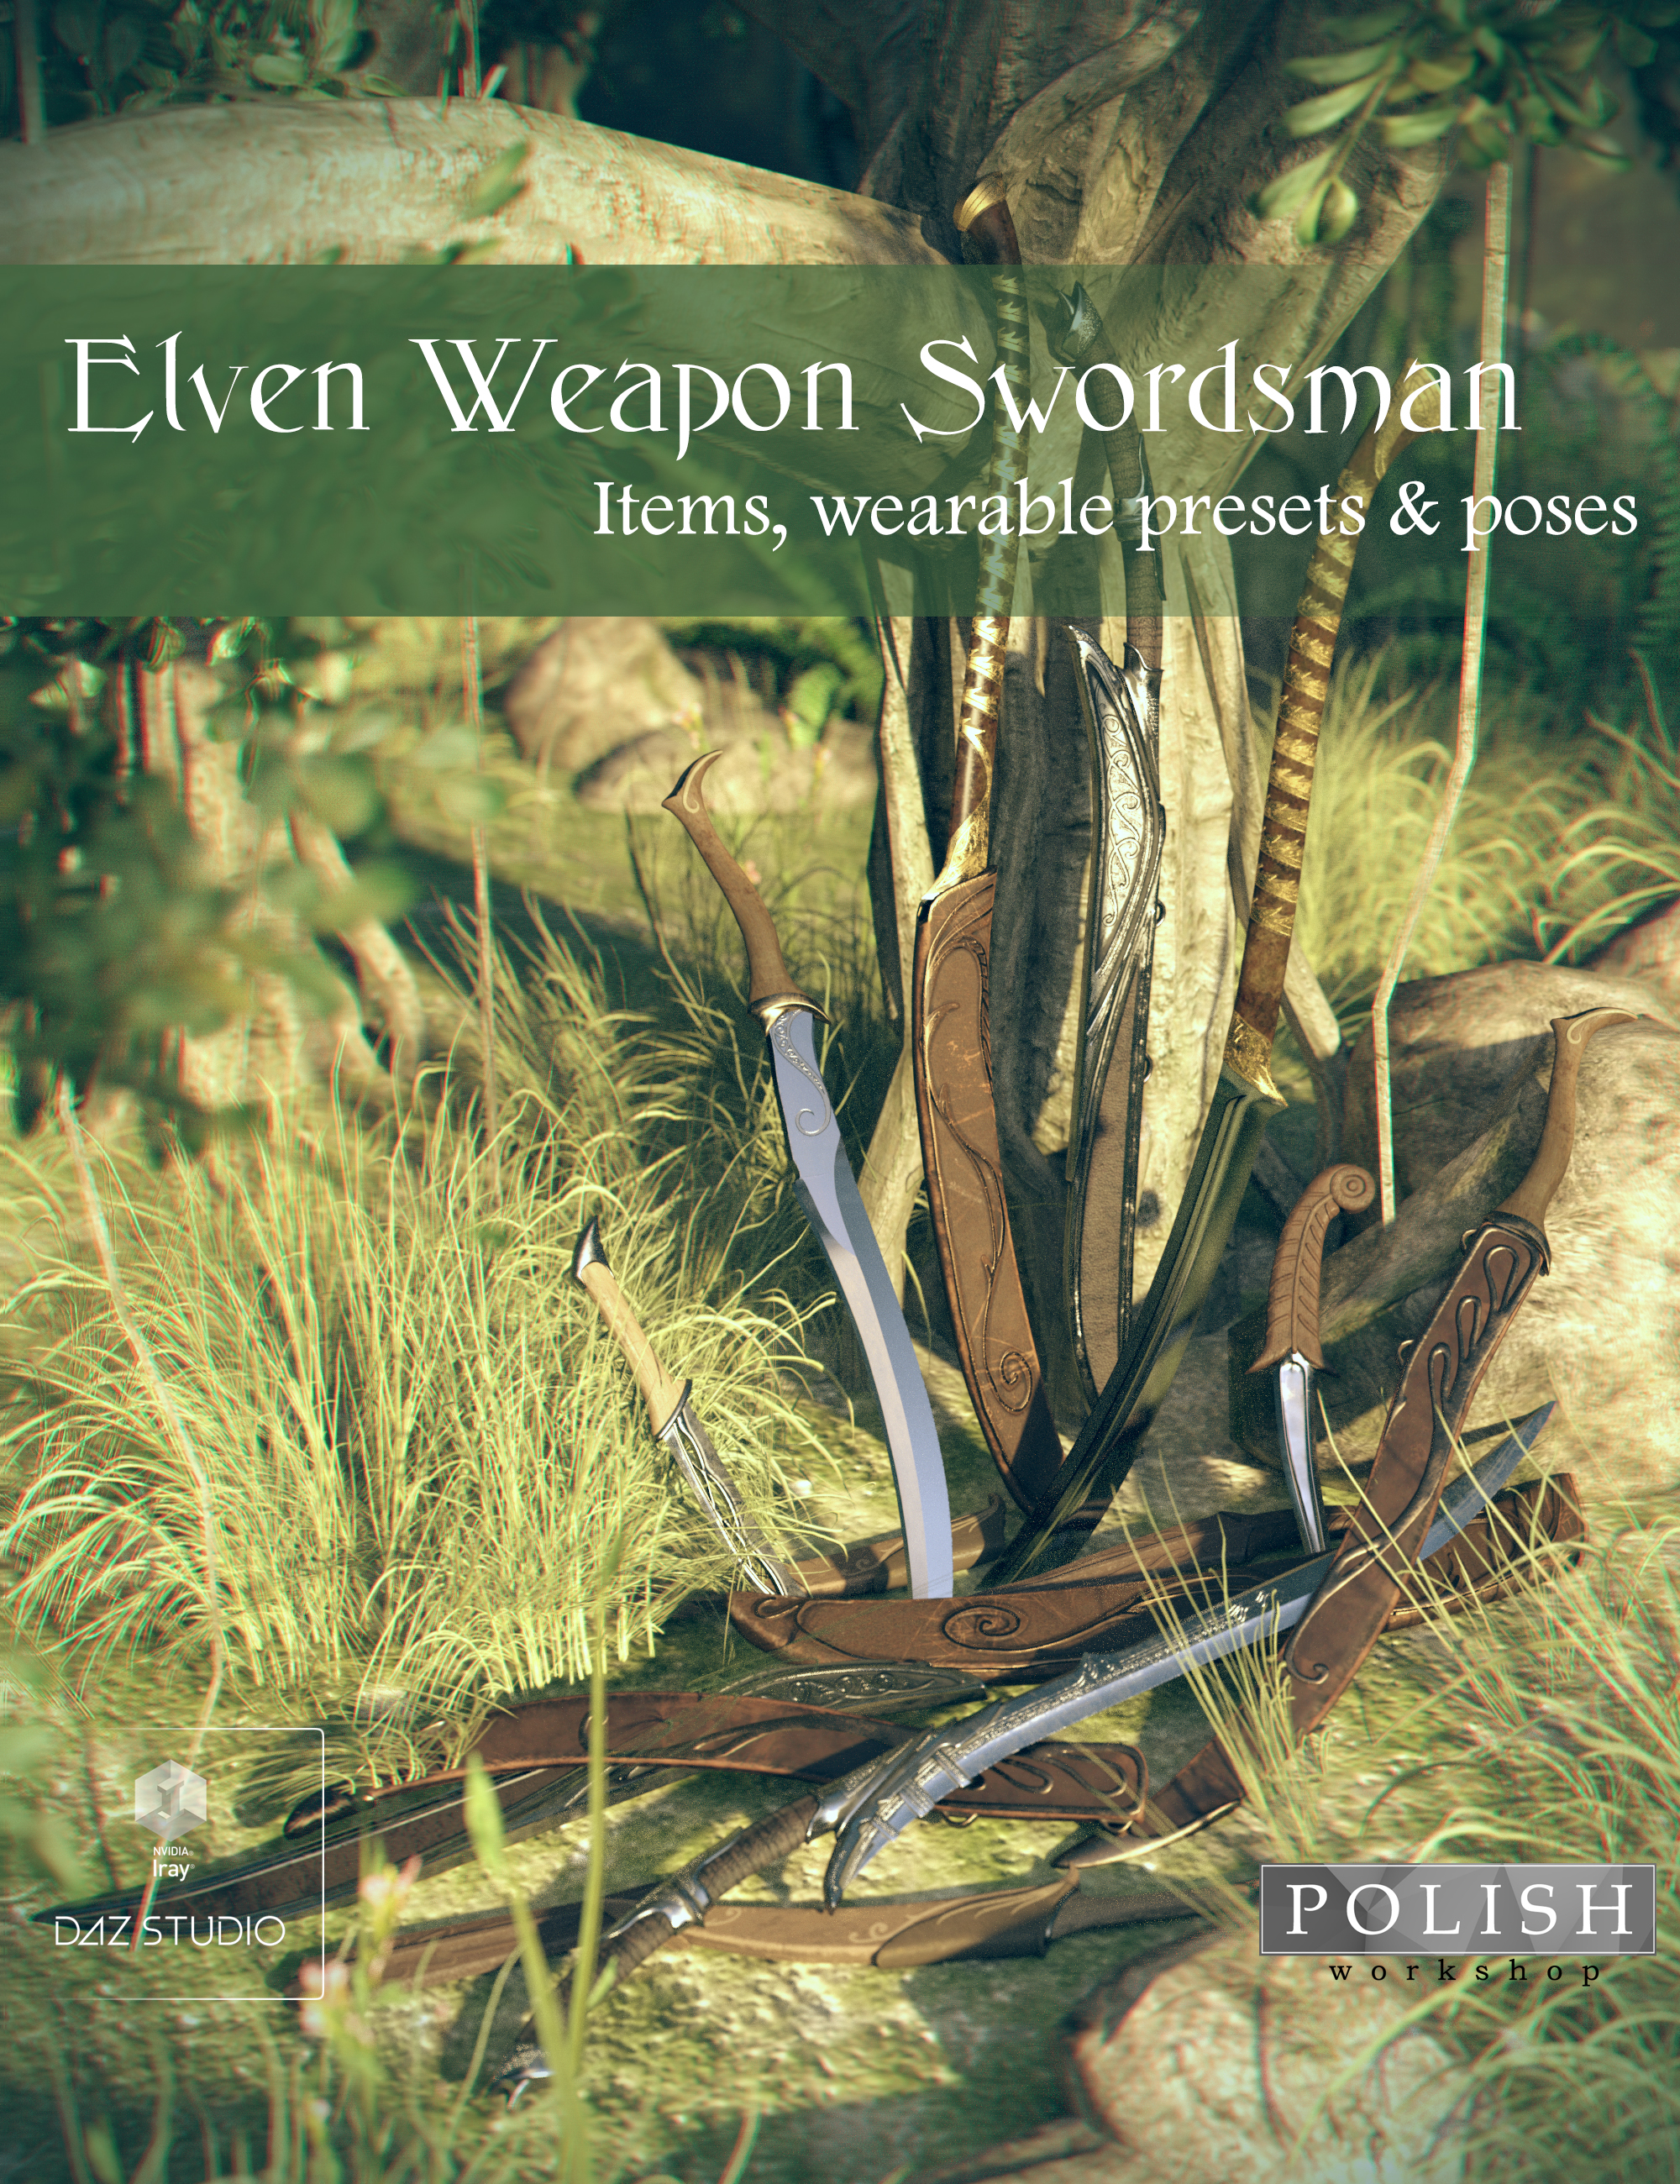 Elven Weapon Swordsman by: Polish, 3D Models by Daz 3D